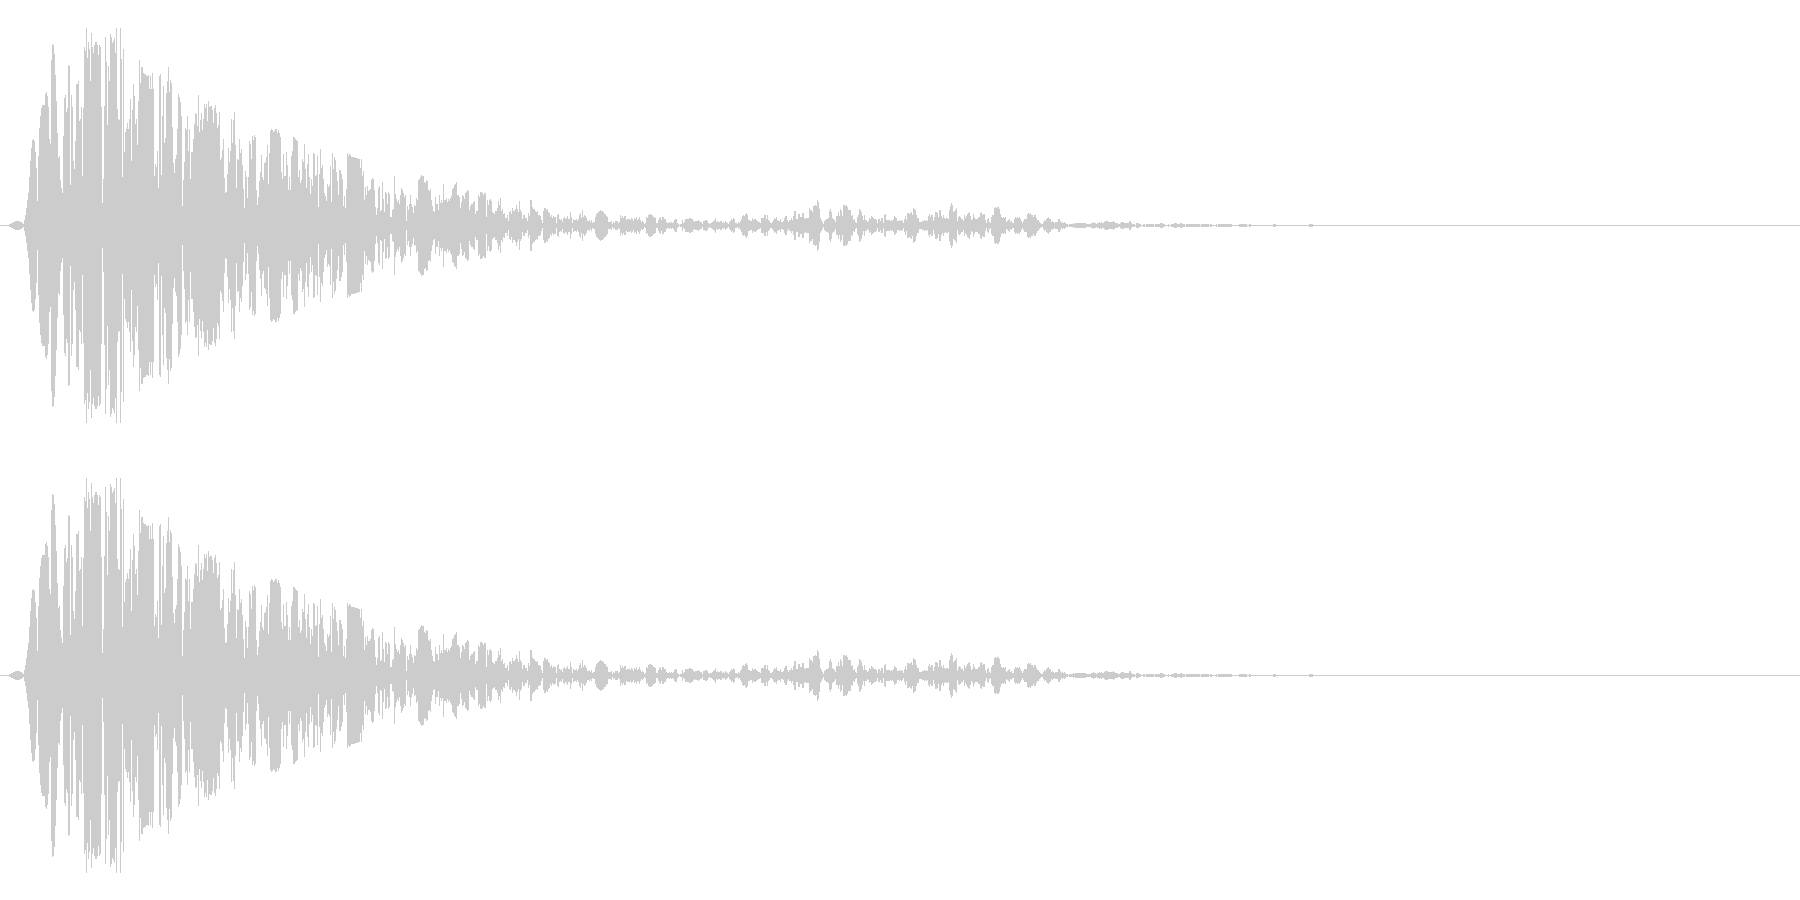 打撃(攻撃)を受け止めるイメージの未再生の波形